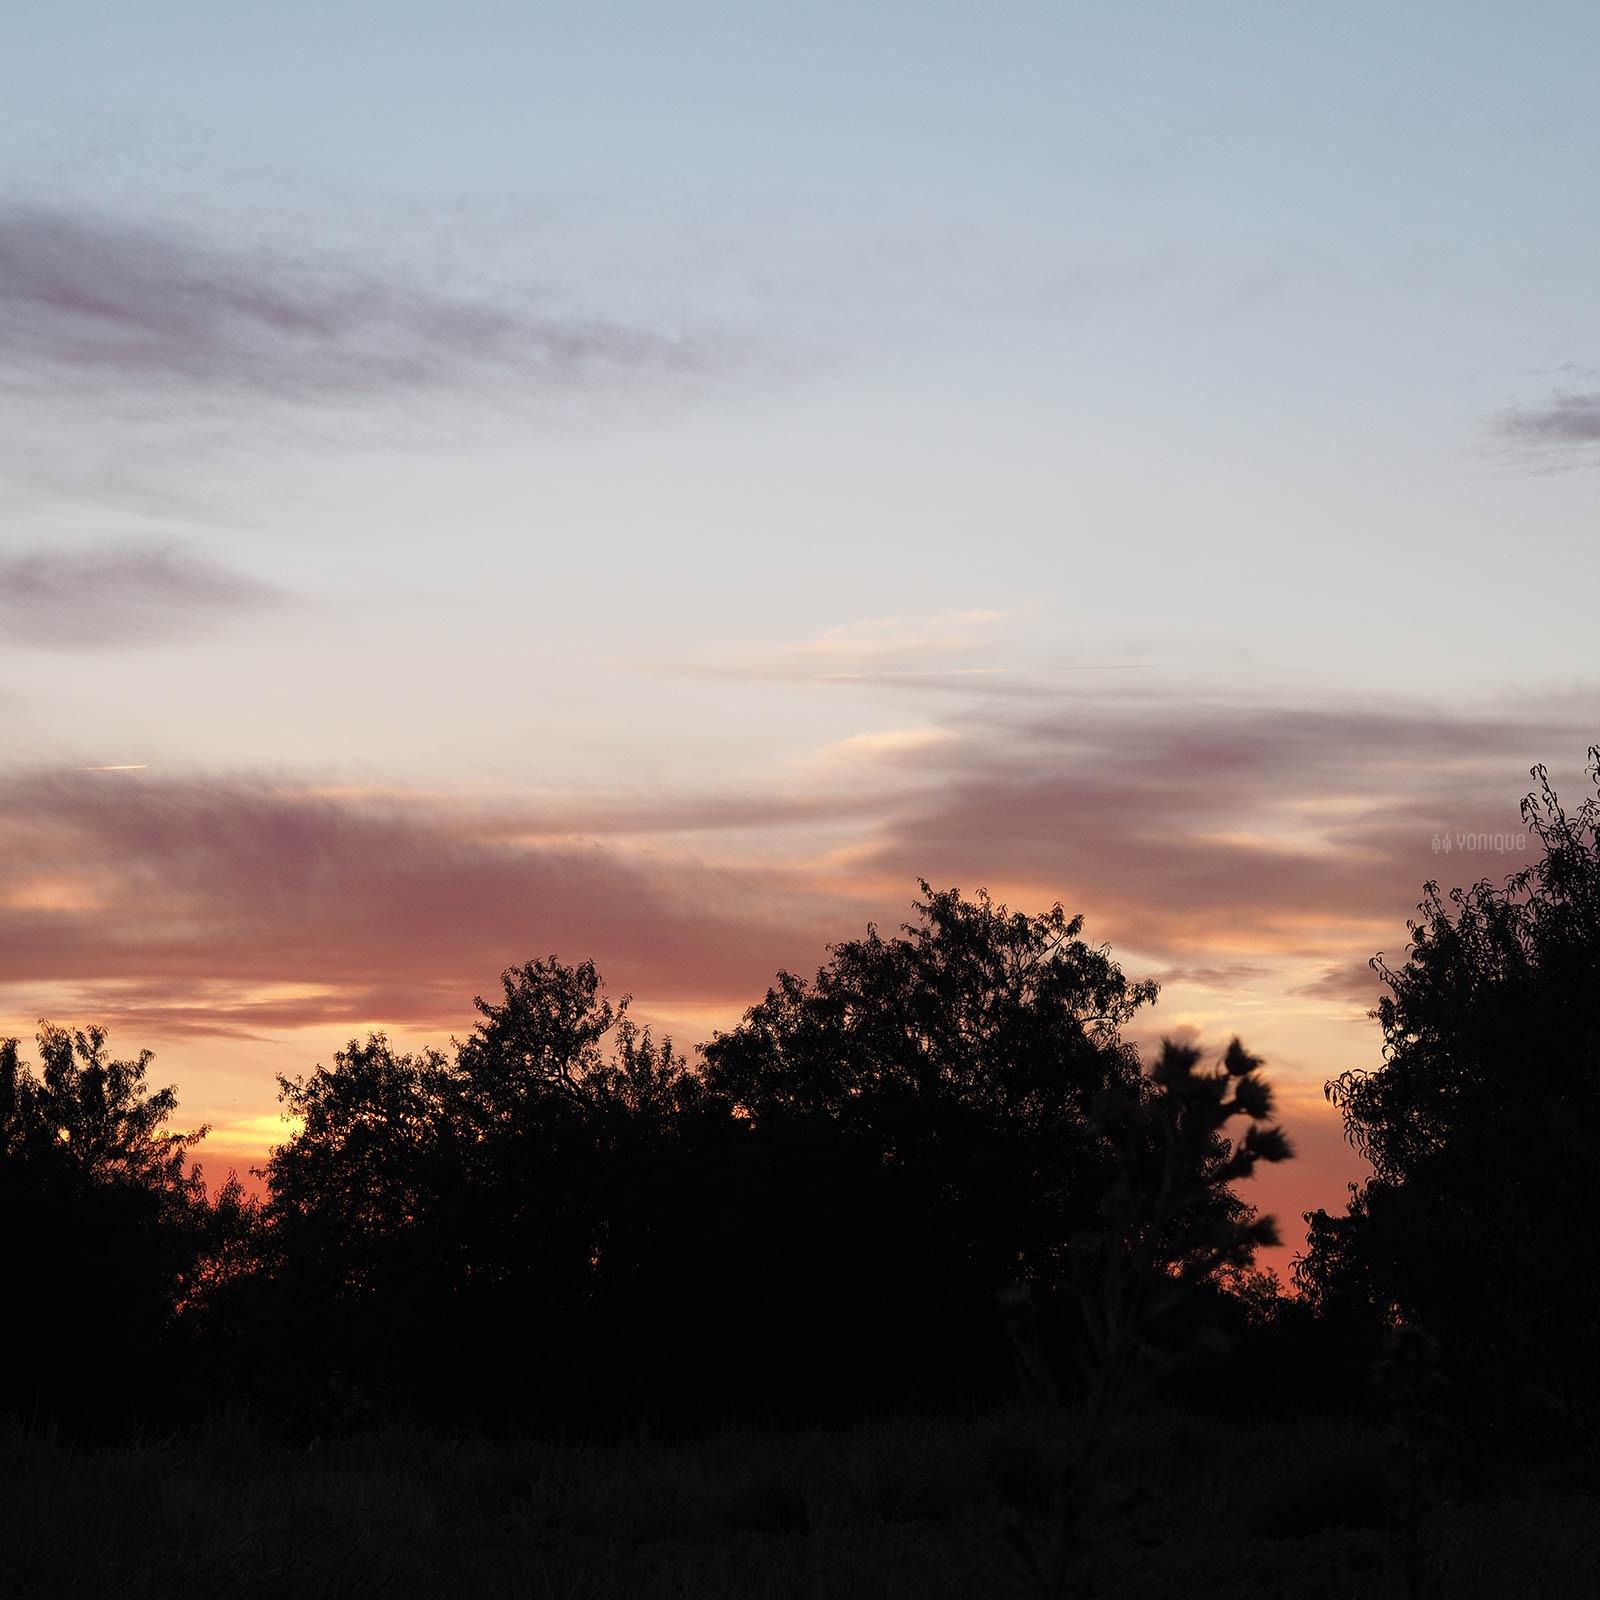 cielo-septiembre-valladolid-cigales-luna-cosechas-yoniquenews